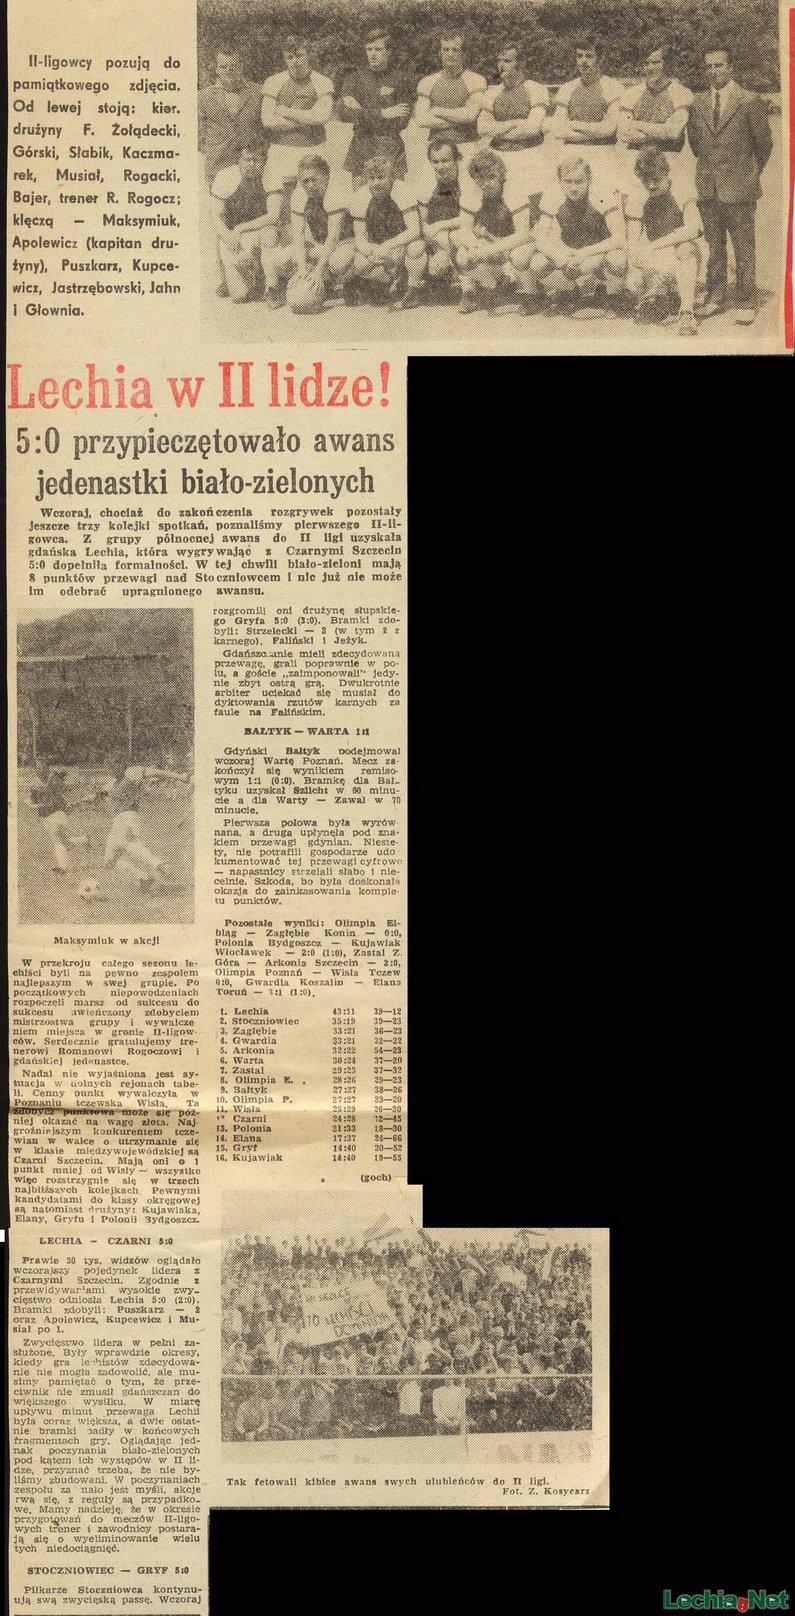 Relacja prasowa z meczu Lechia-Czarni Szczecin